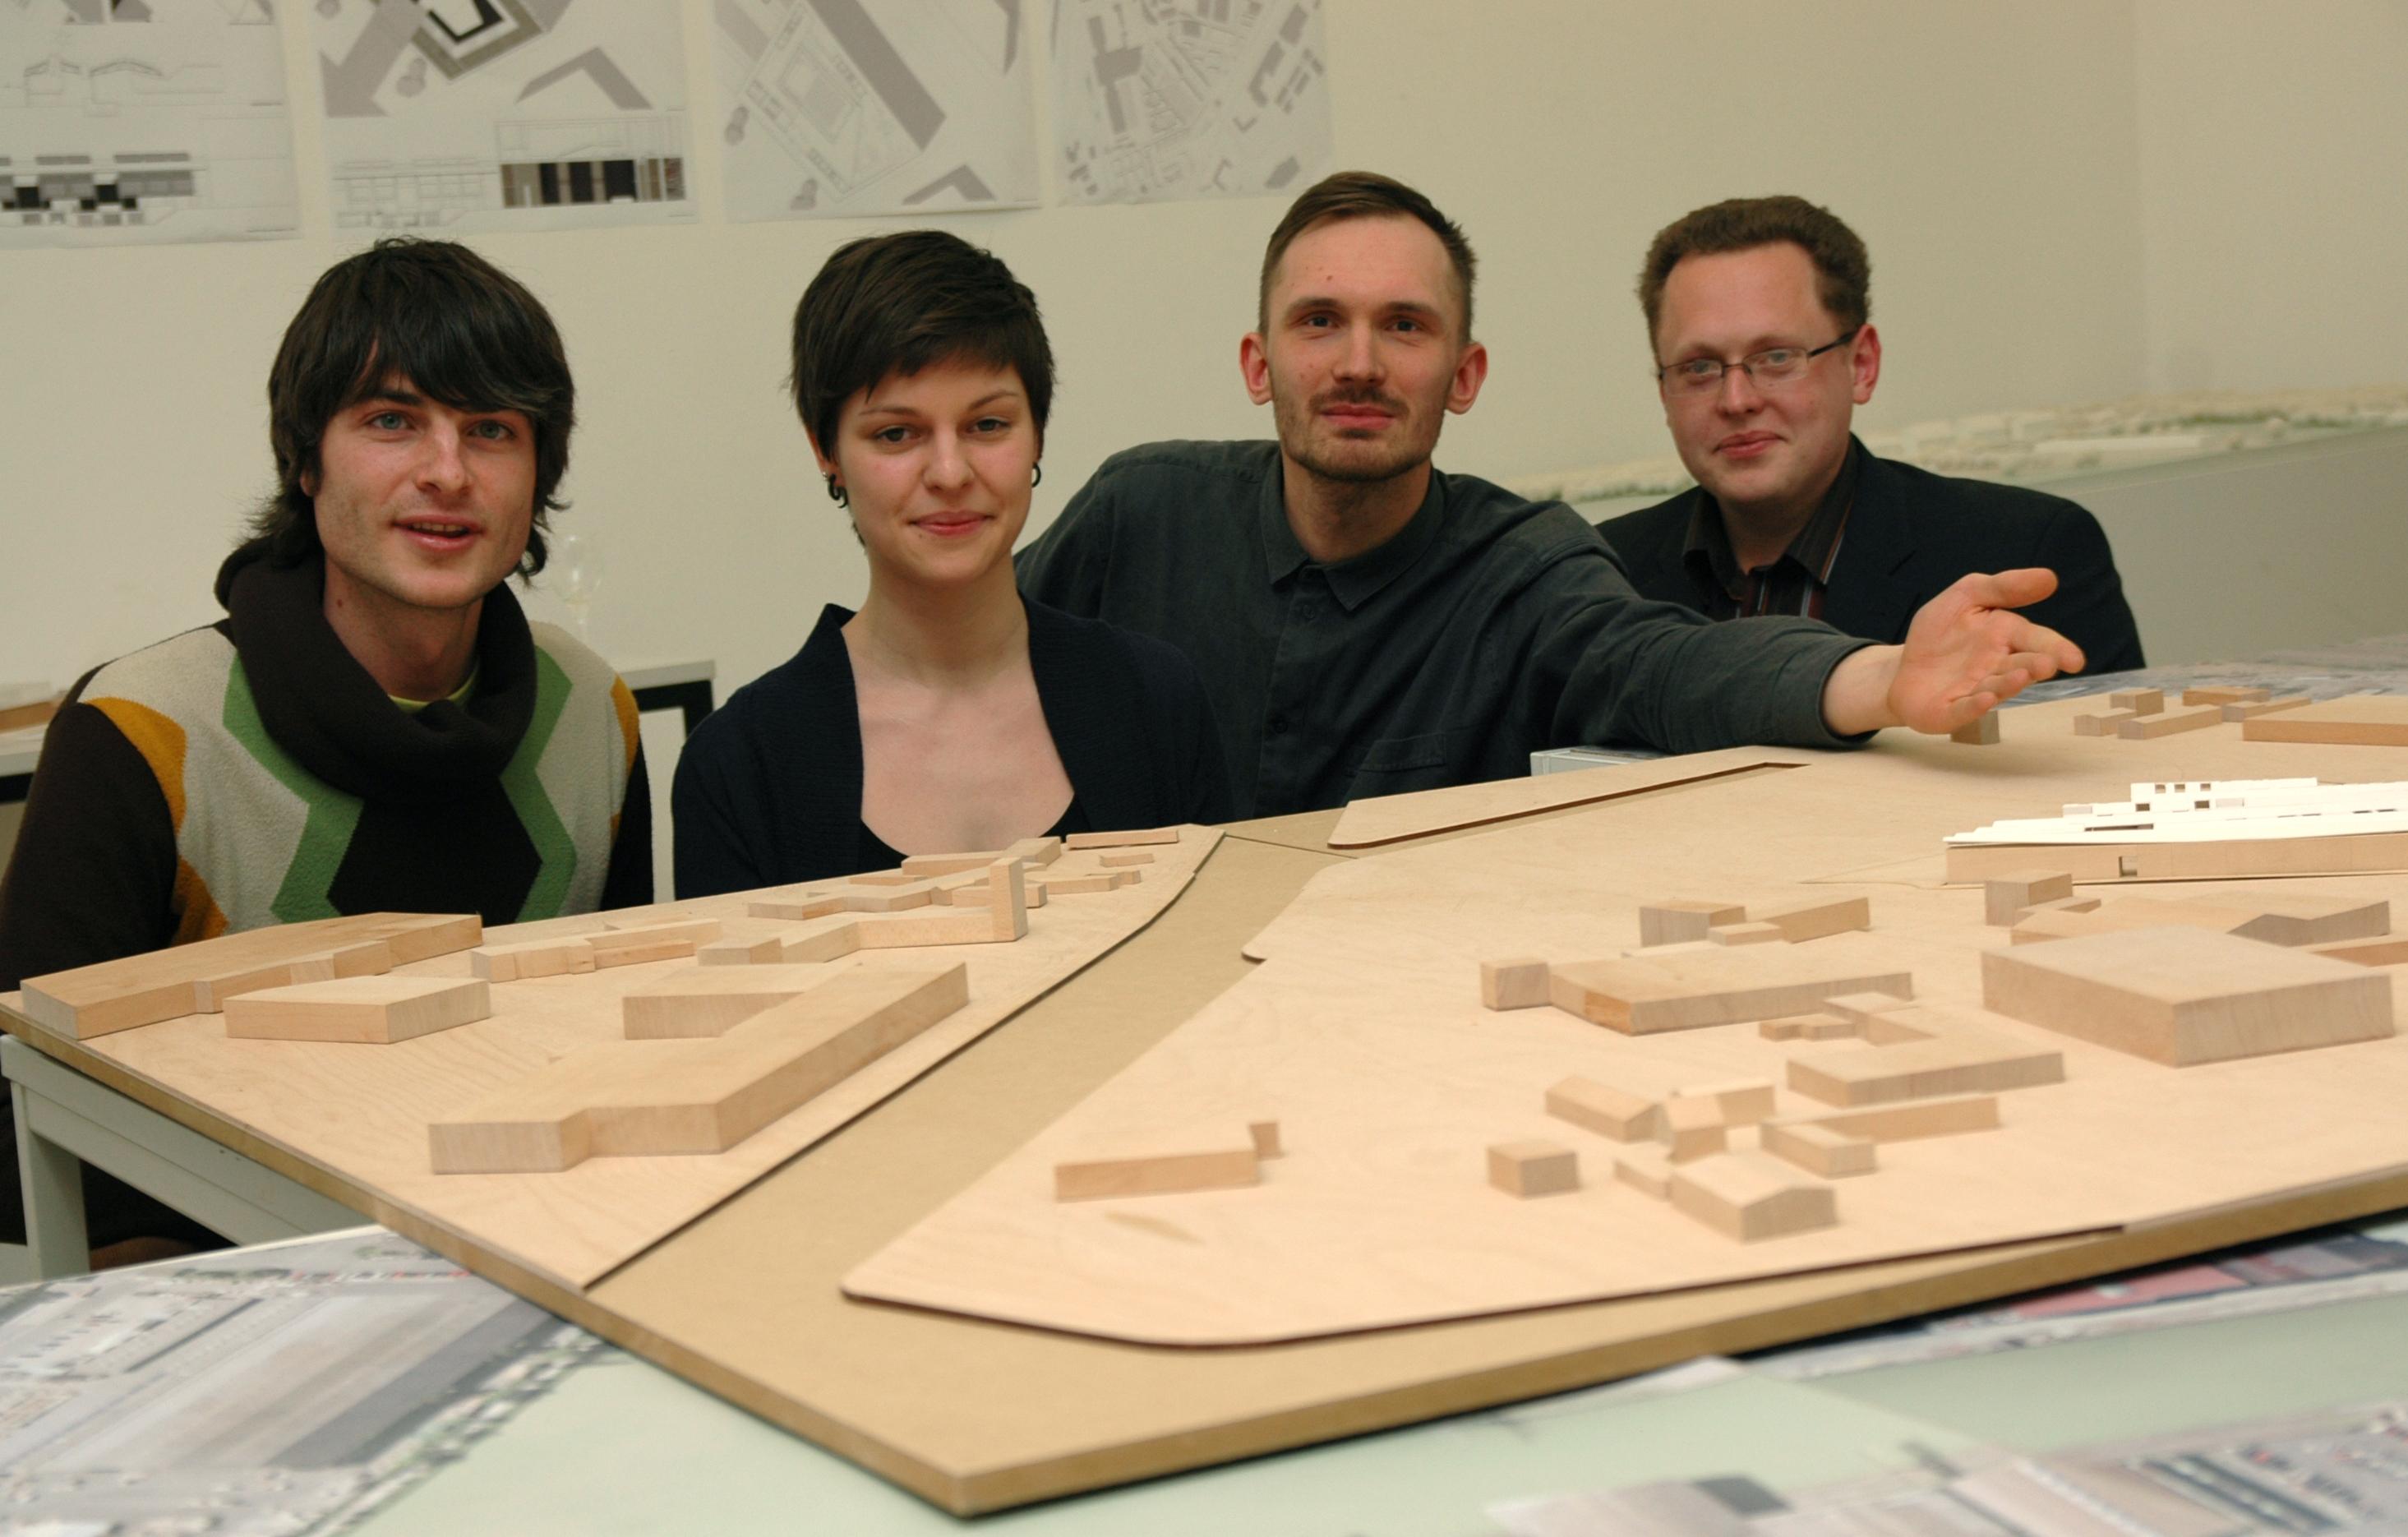 Vier Studierende vor einem Modell.